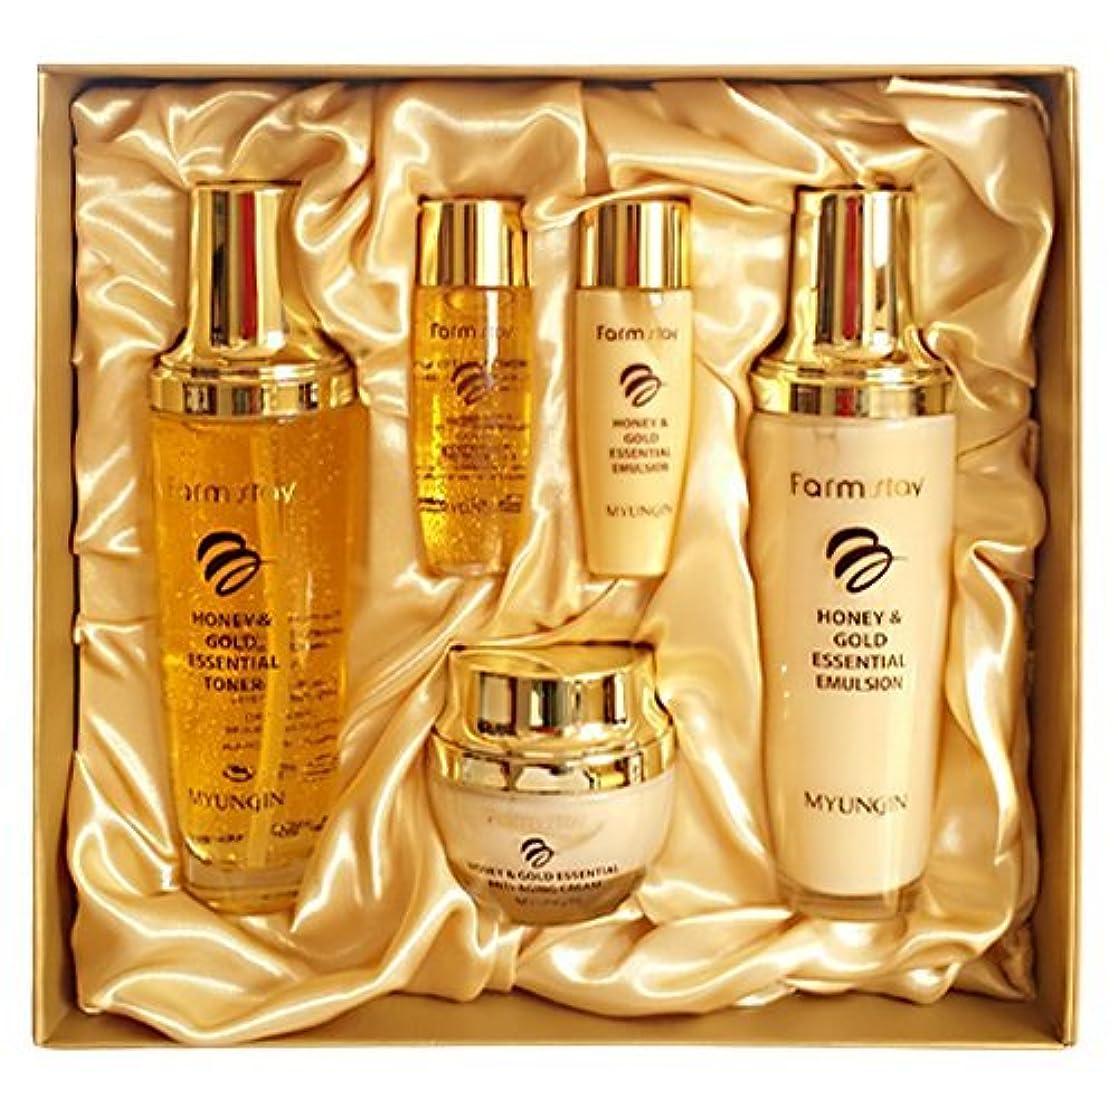 ページ小売賠償ファームステイ[韓国コスメFarm Stay]Honey & Gold Essential Skin Care 3set ハニーゴールドエッセンシャルスキンケア3セット [並行輸入品]